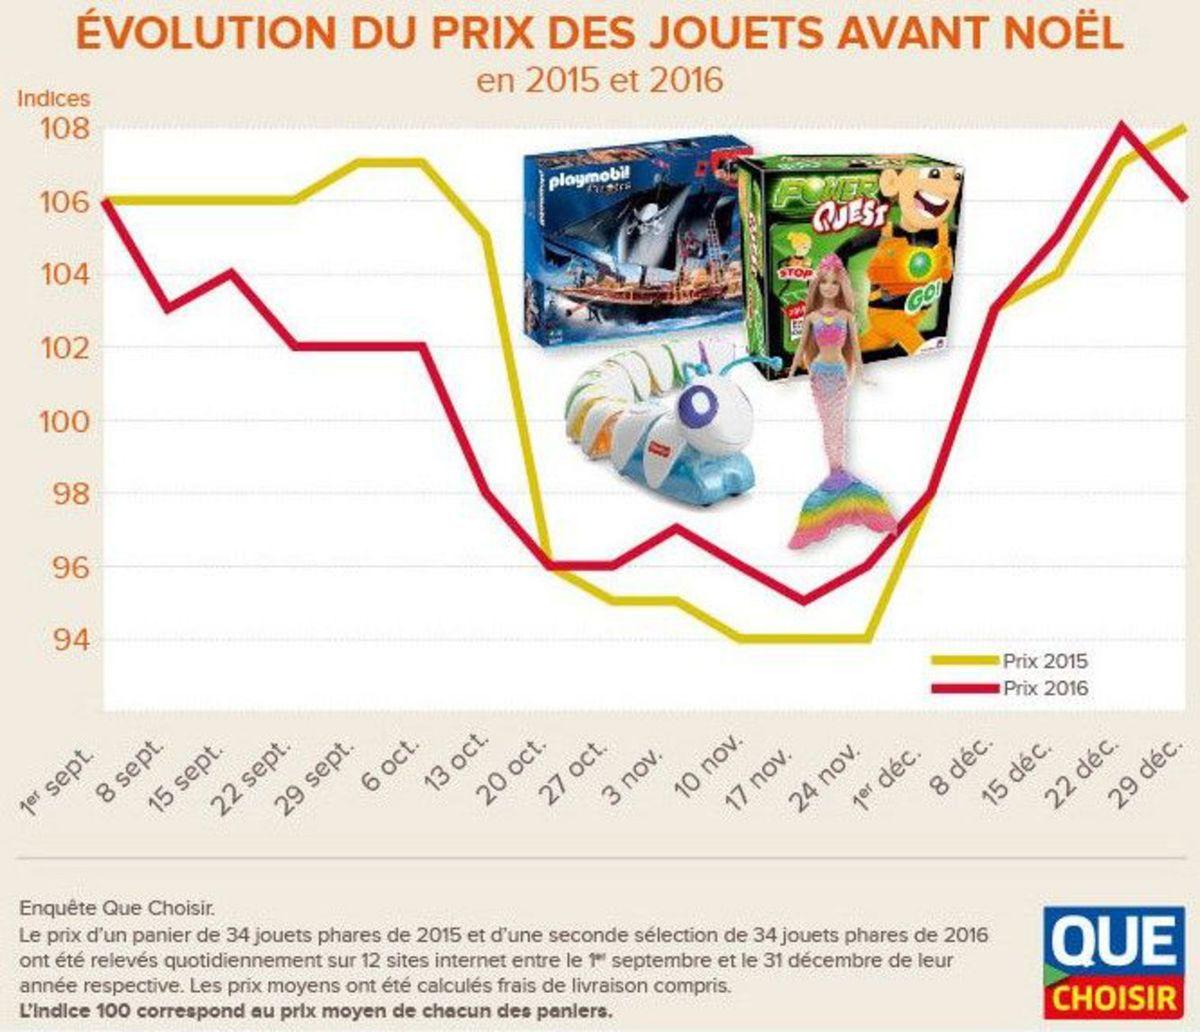 Les prix des jouets remontent dès les premiers jours de décembre sur les sites marchands, affirme Que Choisir  Que Choisir